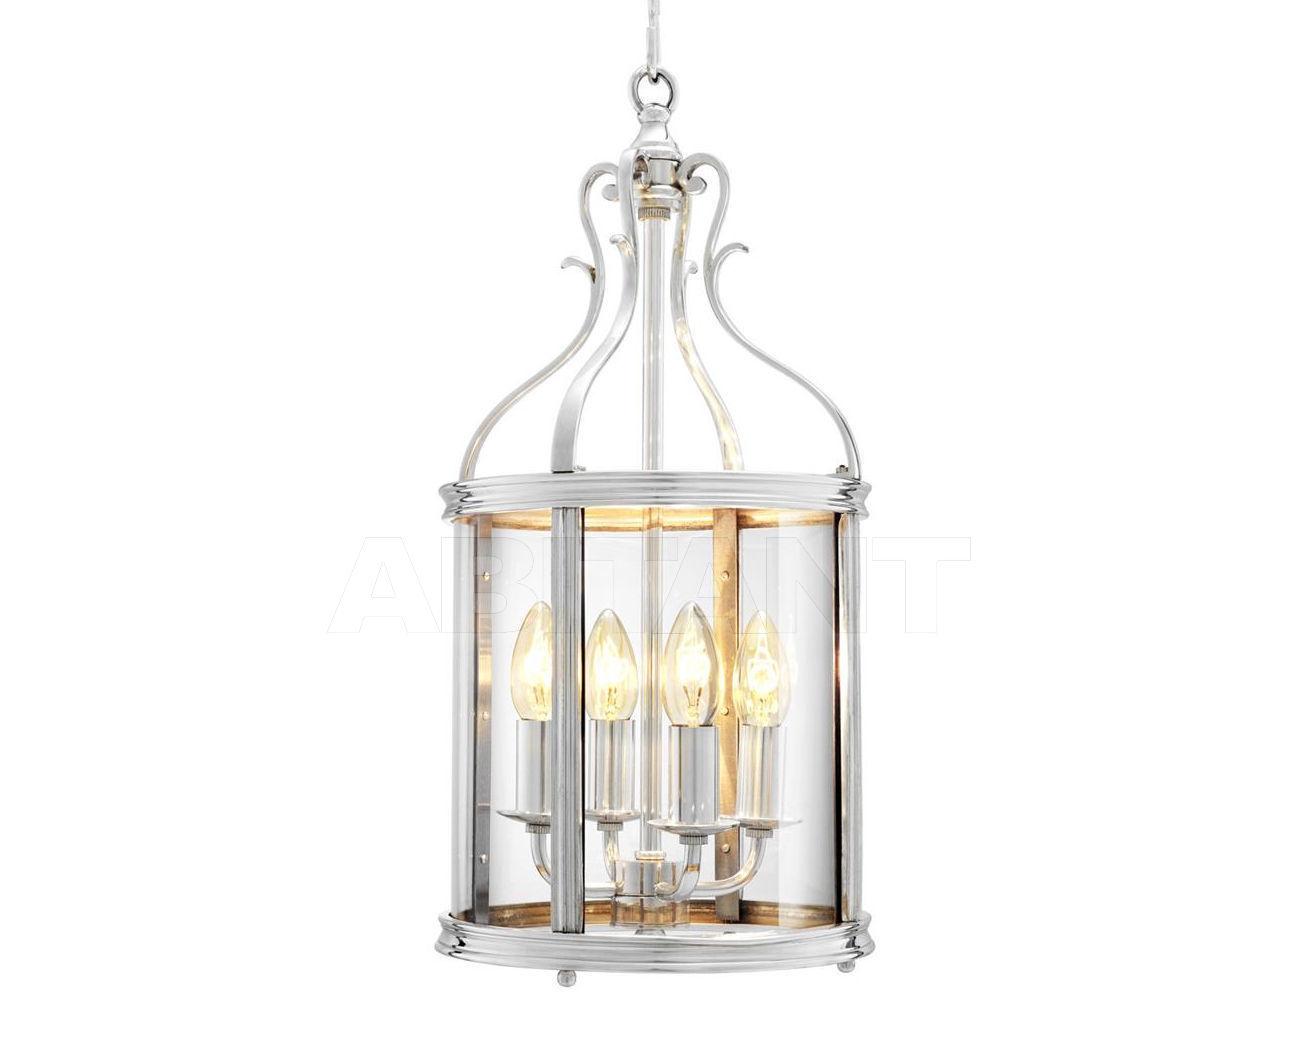 Купить Светильник Princess Gracia Eichholtz  Lighting 106375